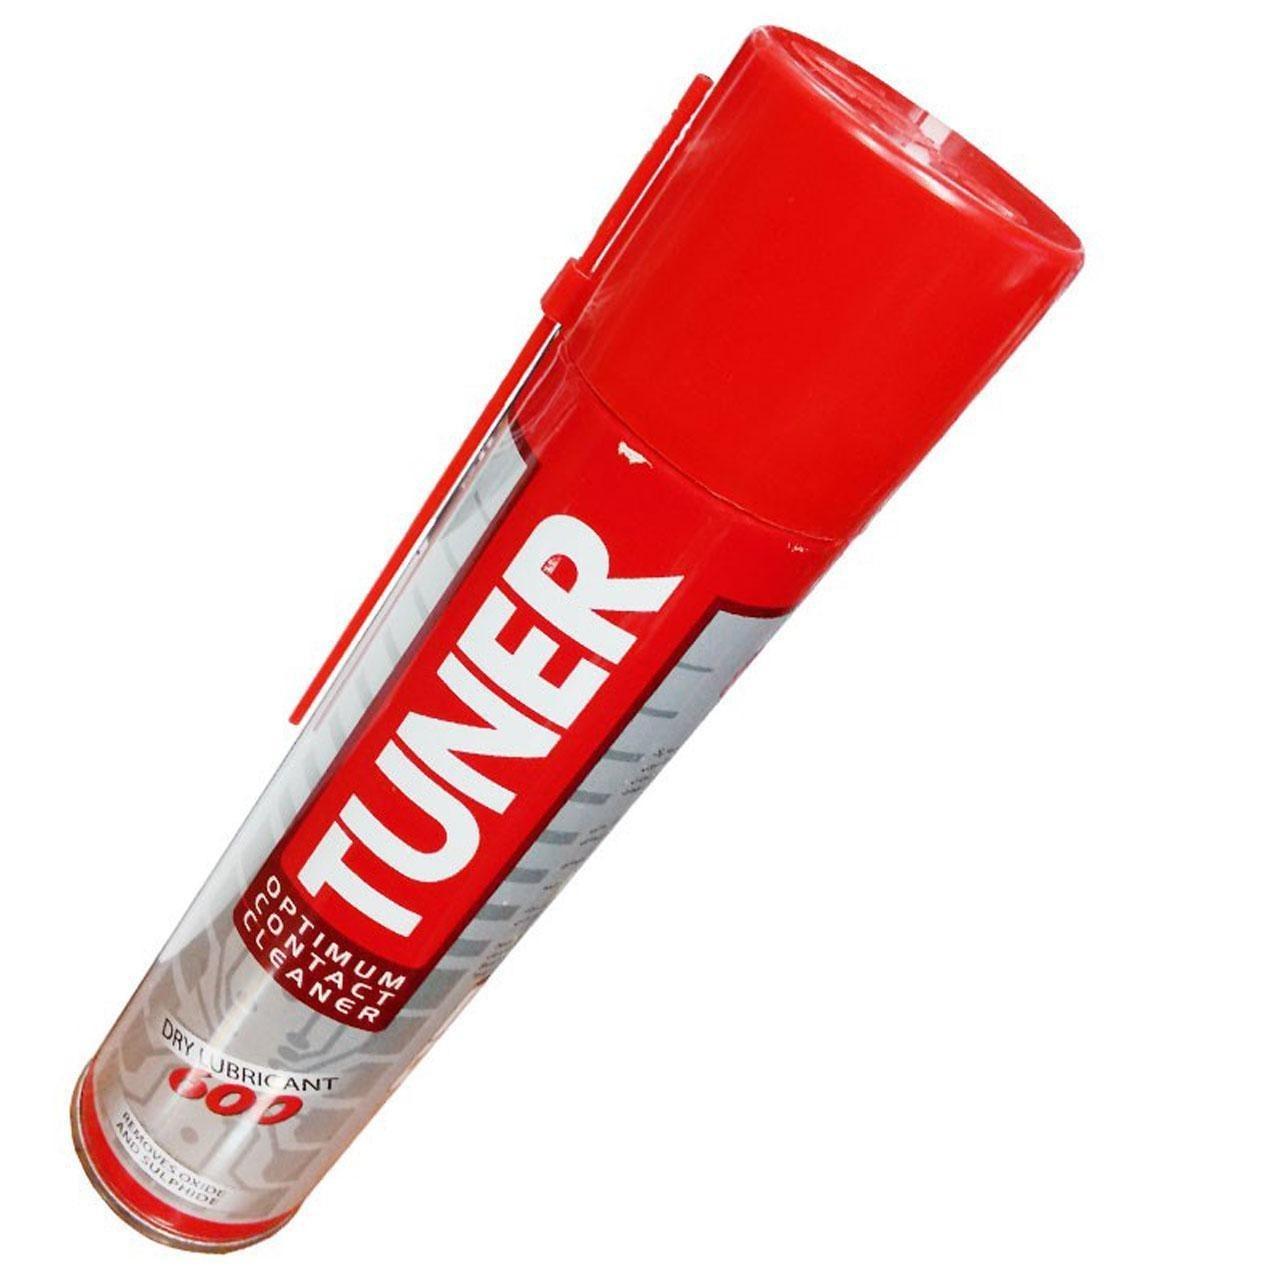 تصویر اسپری خشک ناهید کد۶۰۰ Tuner 300ml ا Nahid Tuner Dry 600 - 300ml Nahid Tuner Dry 600 - 300ml